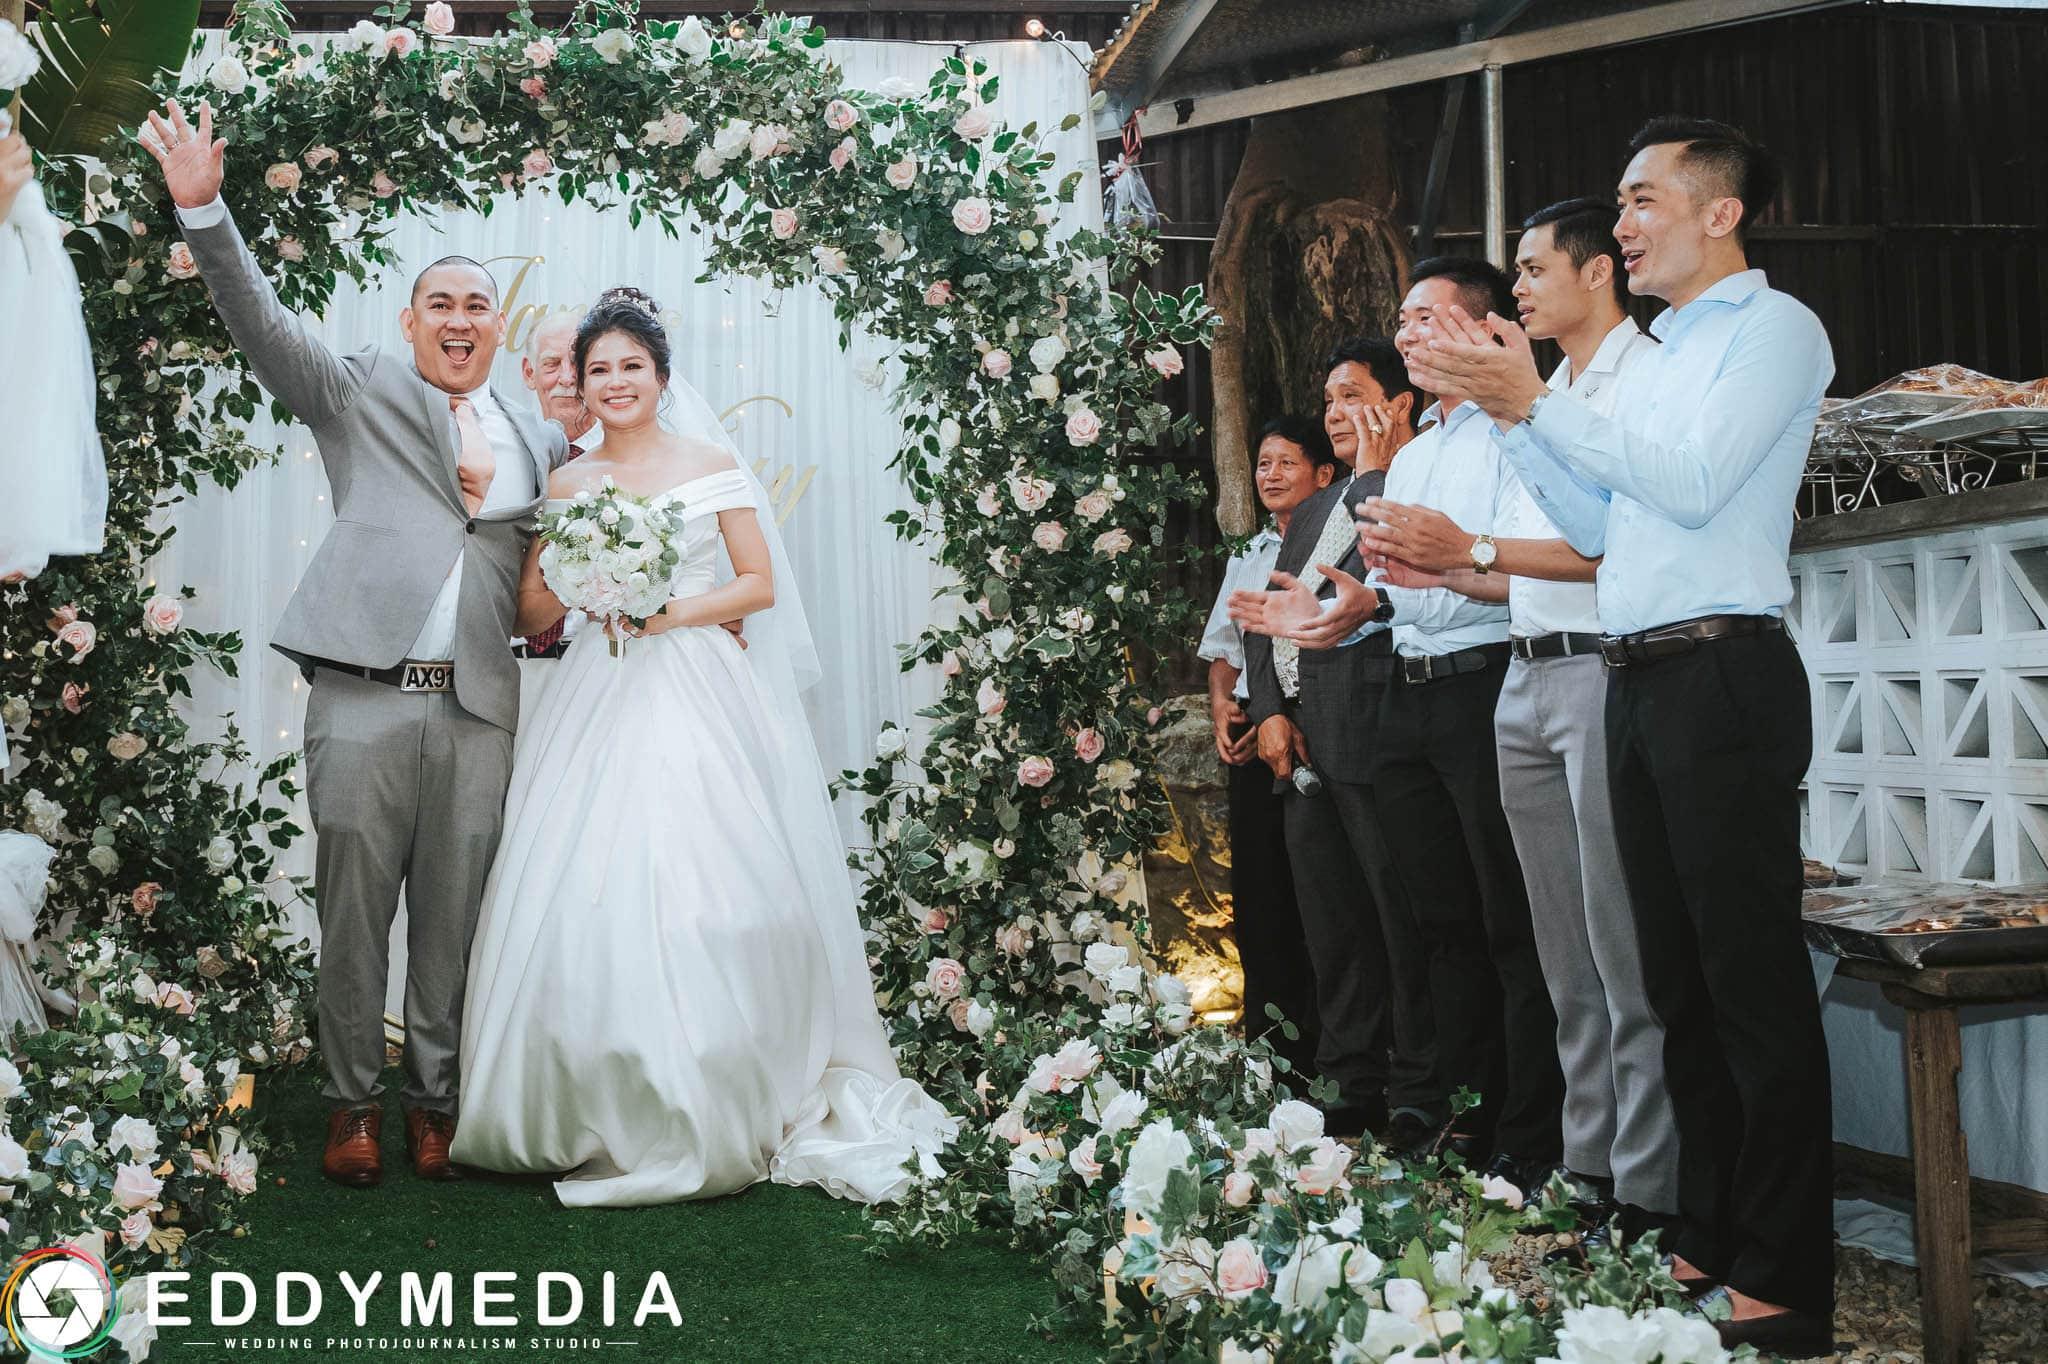 Chụp tiệc cưới ngoài trời với EddyMedia